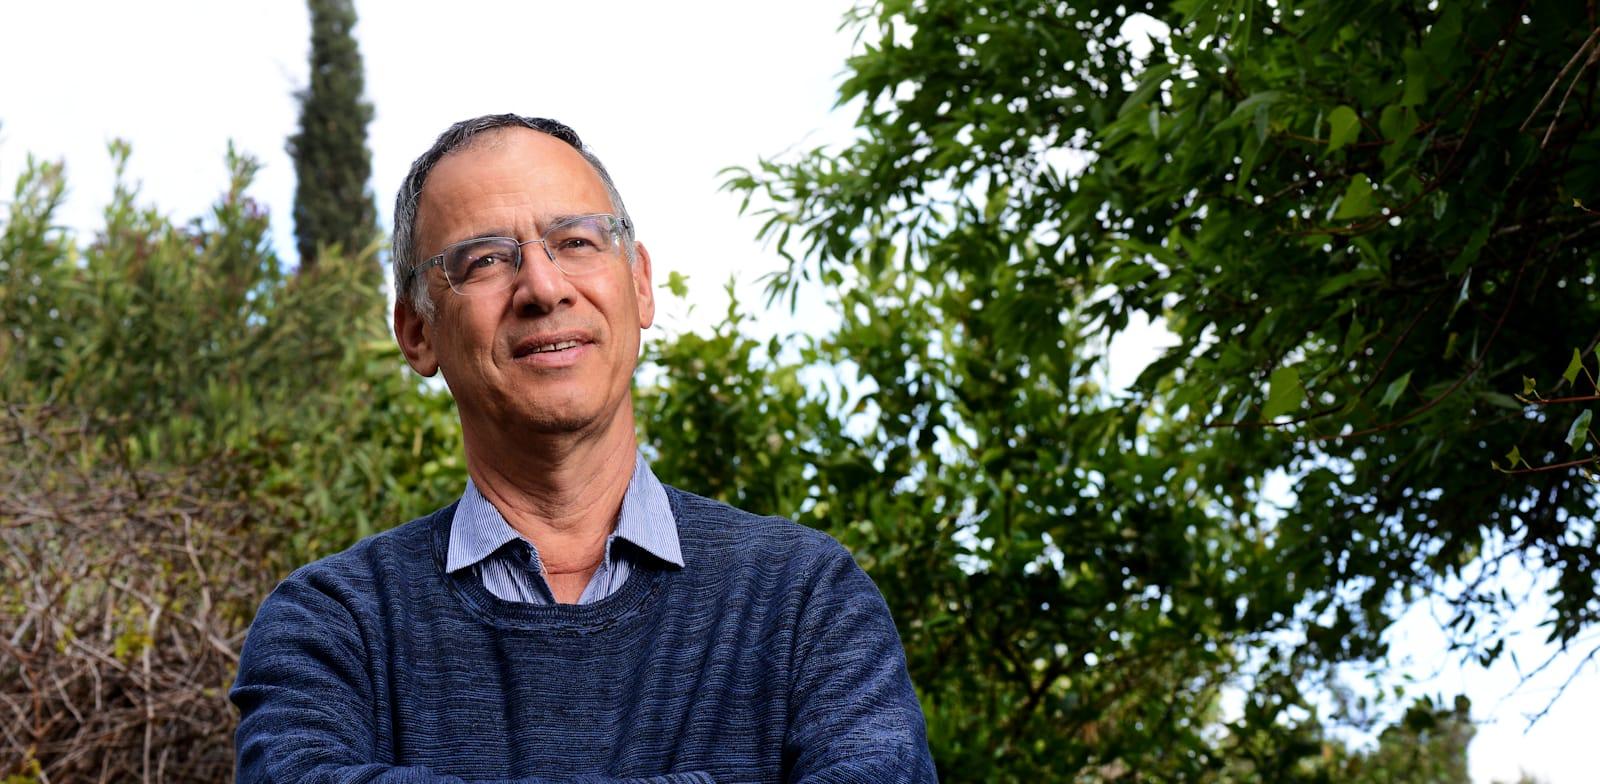 """עו""""ד שי ניצן, לשעבר פרקליט המדינה / צילום: איל יצהר"""